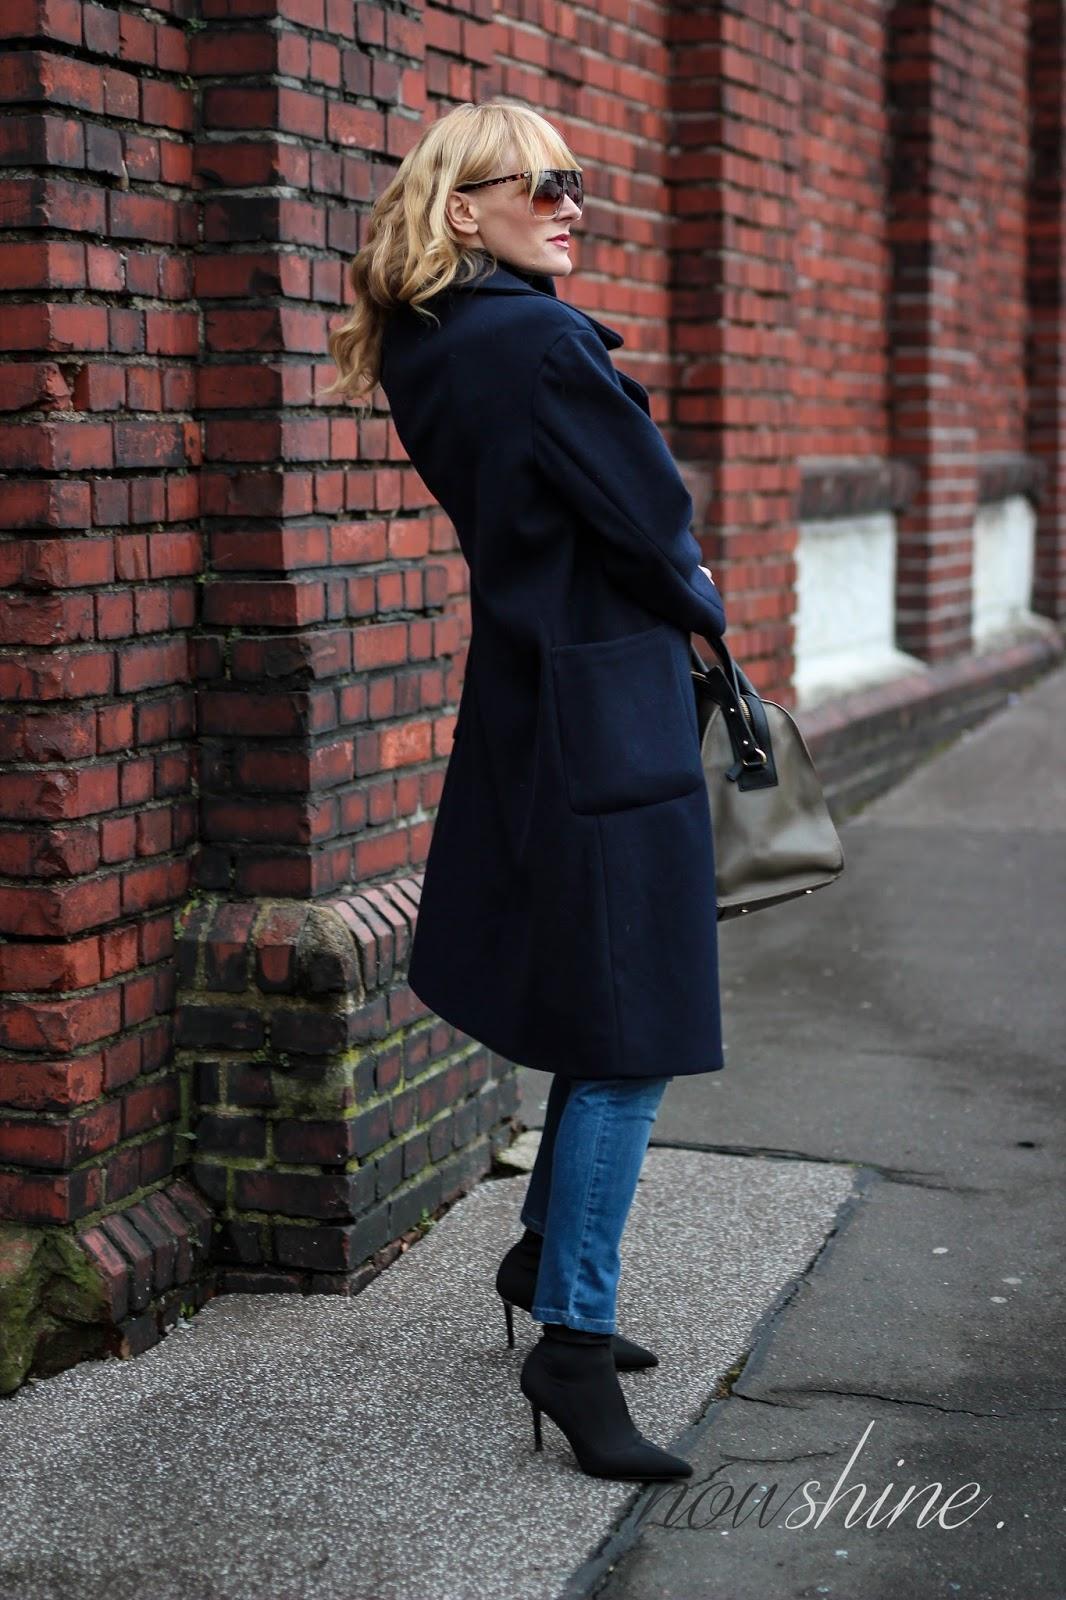 Nowshine ü40 Blog trägt einen Mantel von Mango, Jeans von WENZ und Sockboots